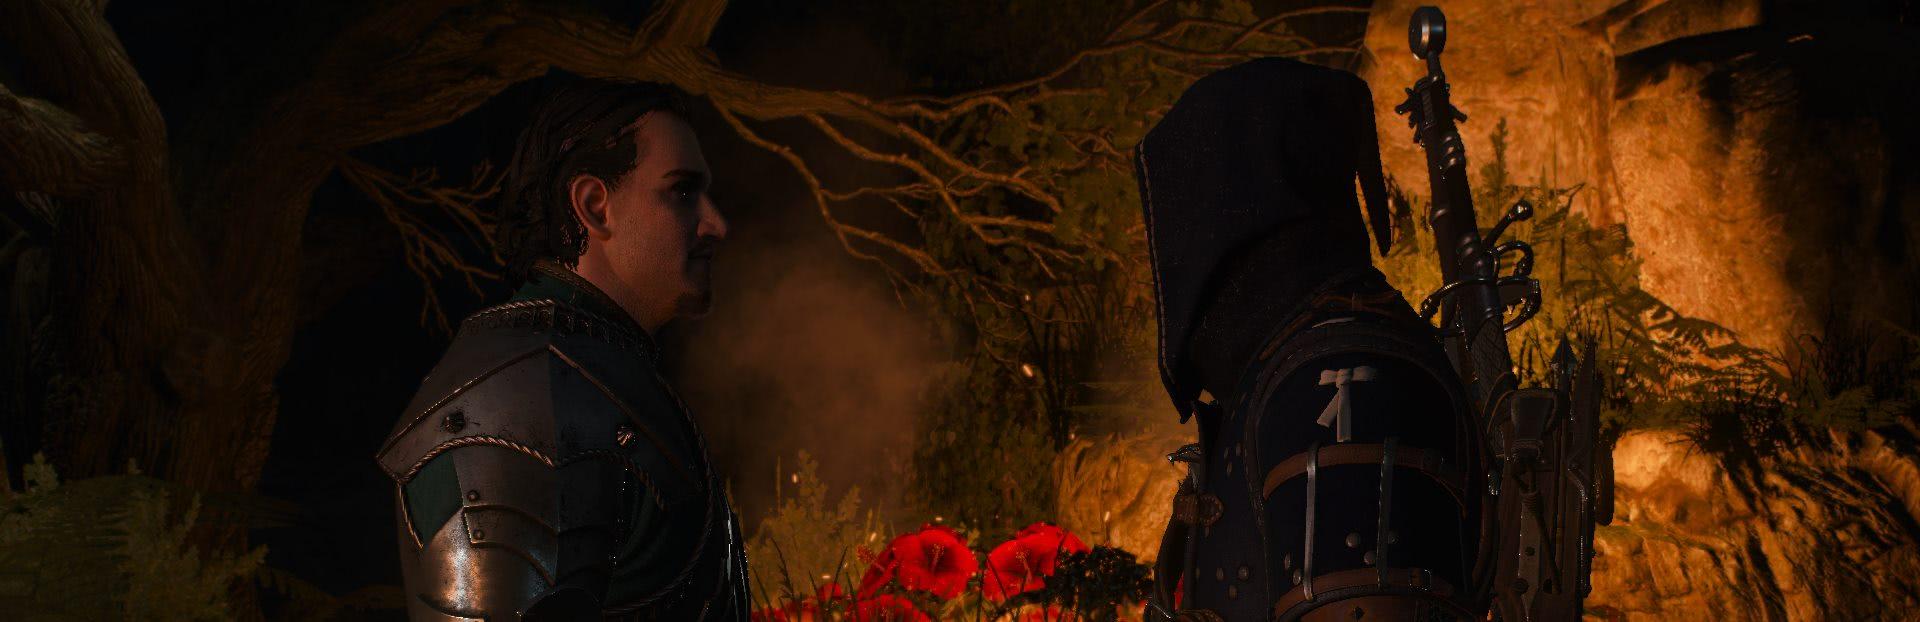 witcher3 Если не хочешь моей погибели…2